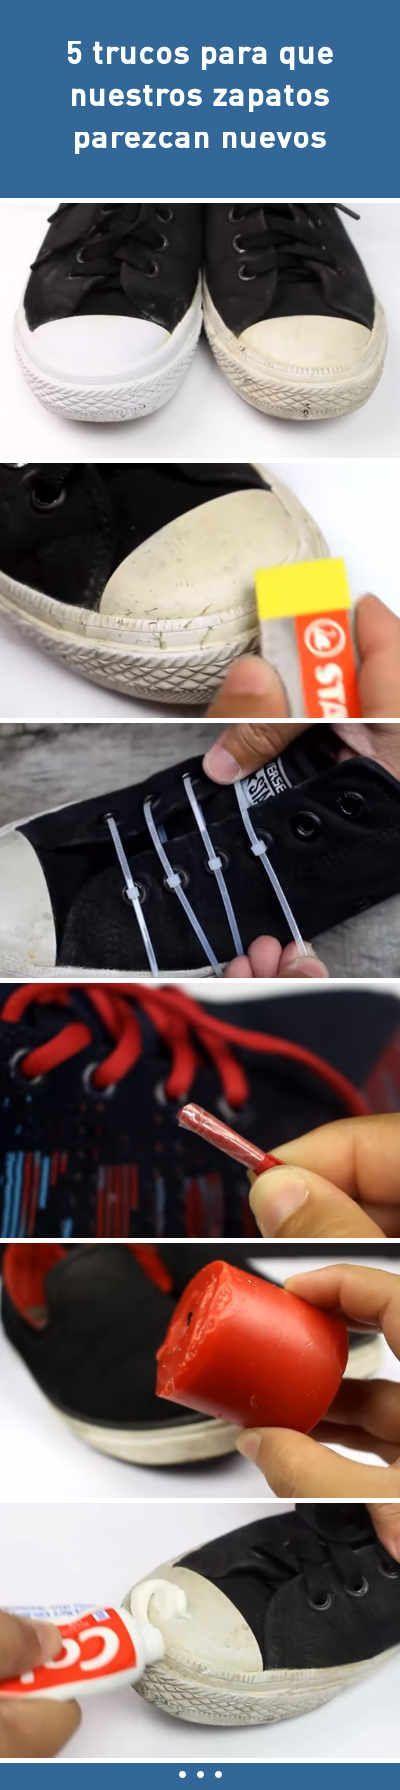 5 trucos para que nuestros zapatos parezcan nuevos